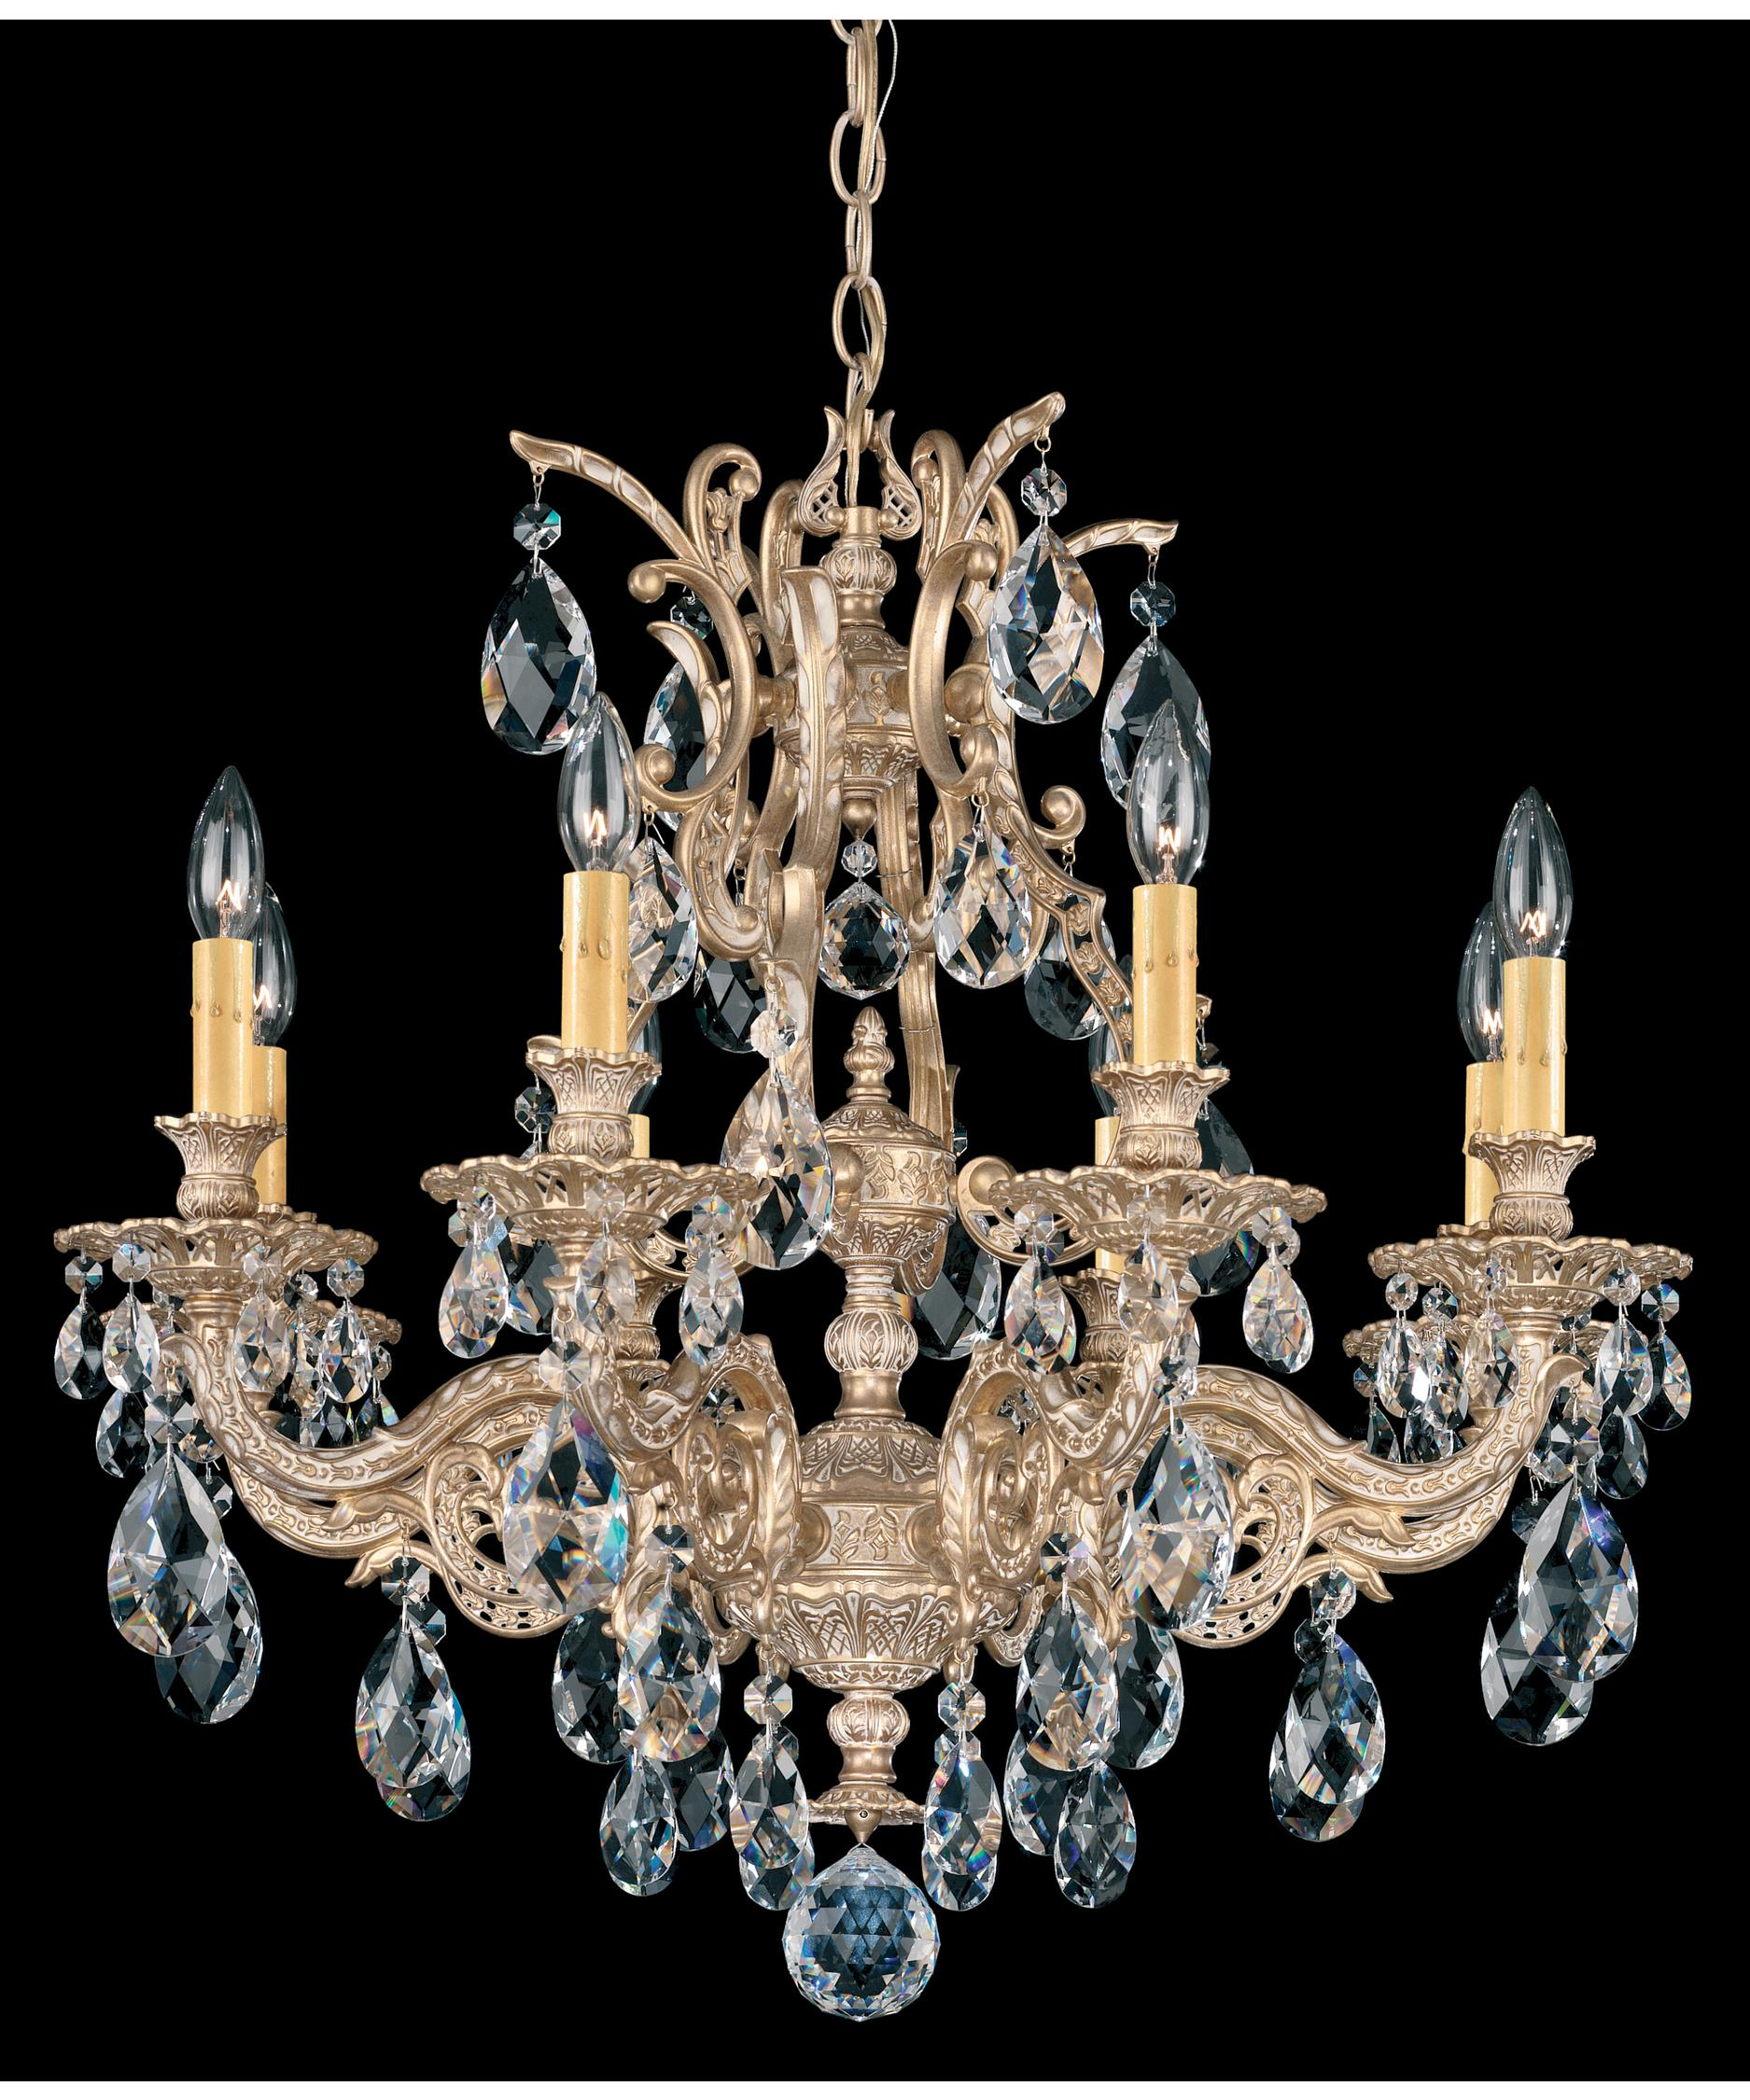 schonbek sophia 26 inch wide 8 light chandelier capitol lighting - Schonbek